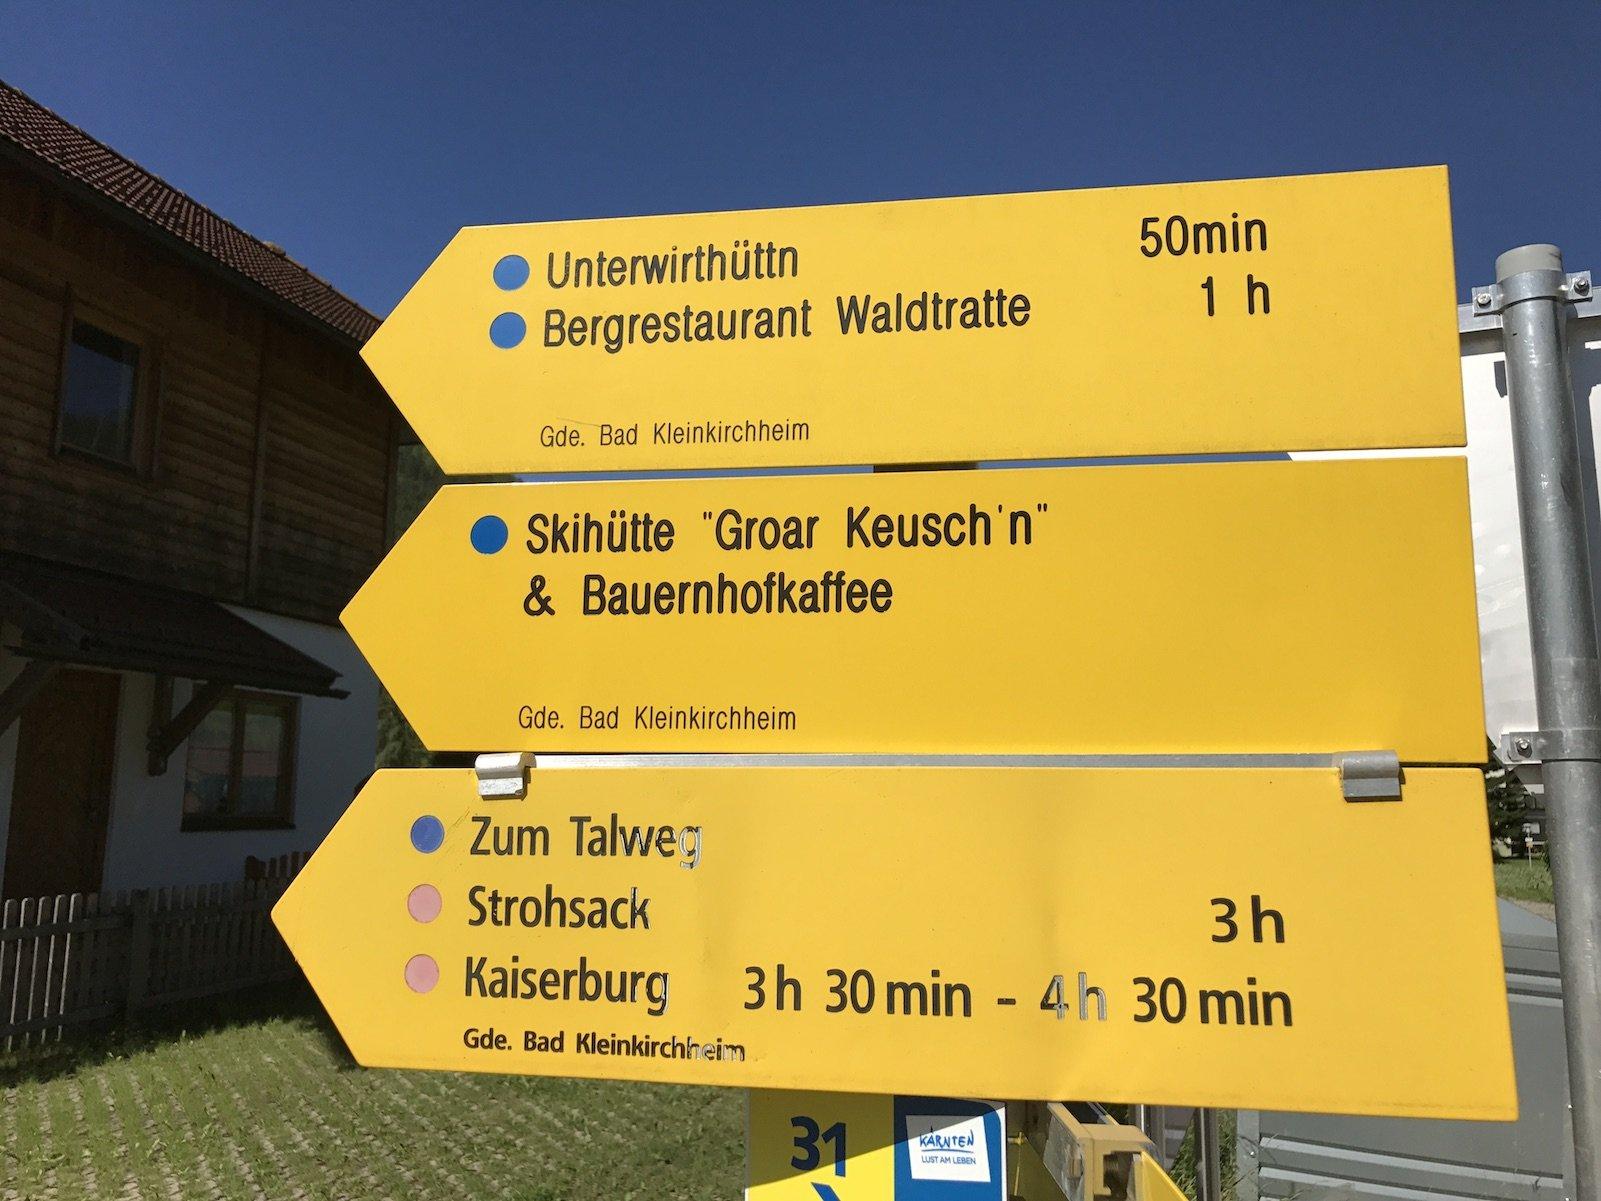 Wegbeschilderung im Tal in Bad Kleinkirchheim